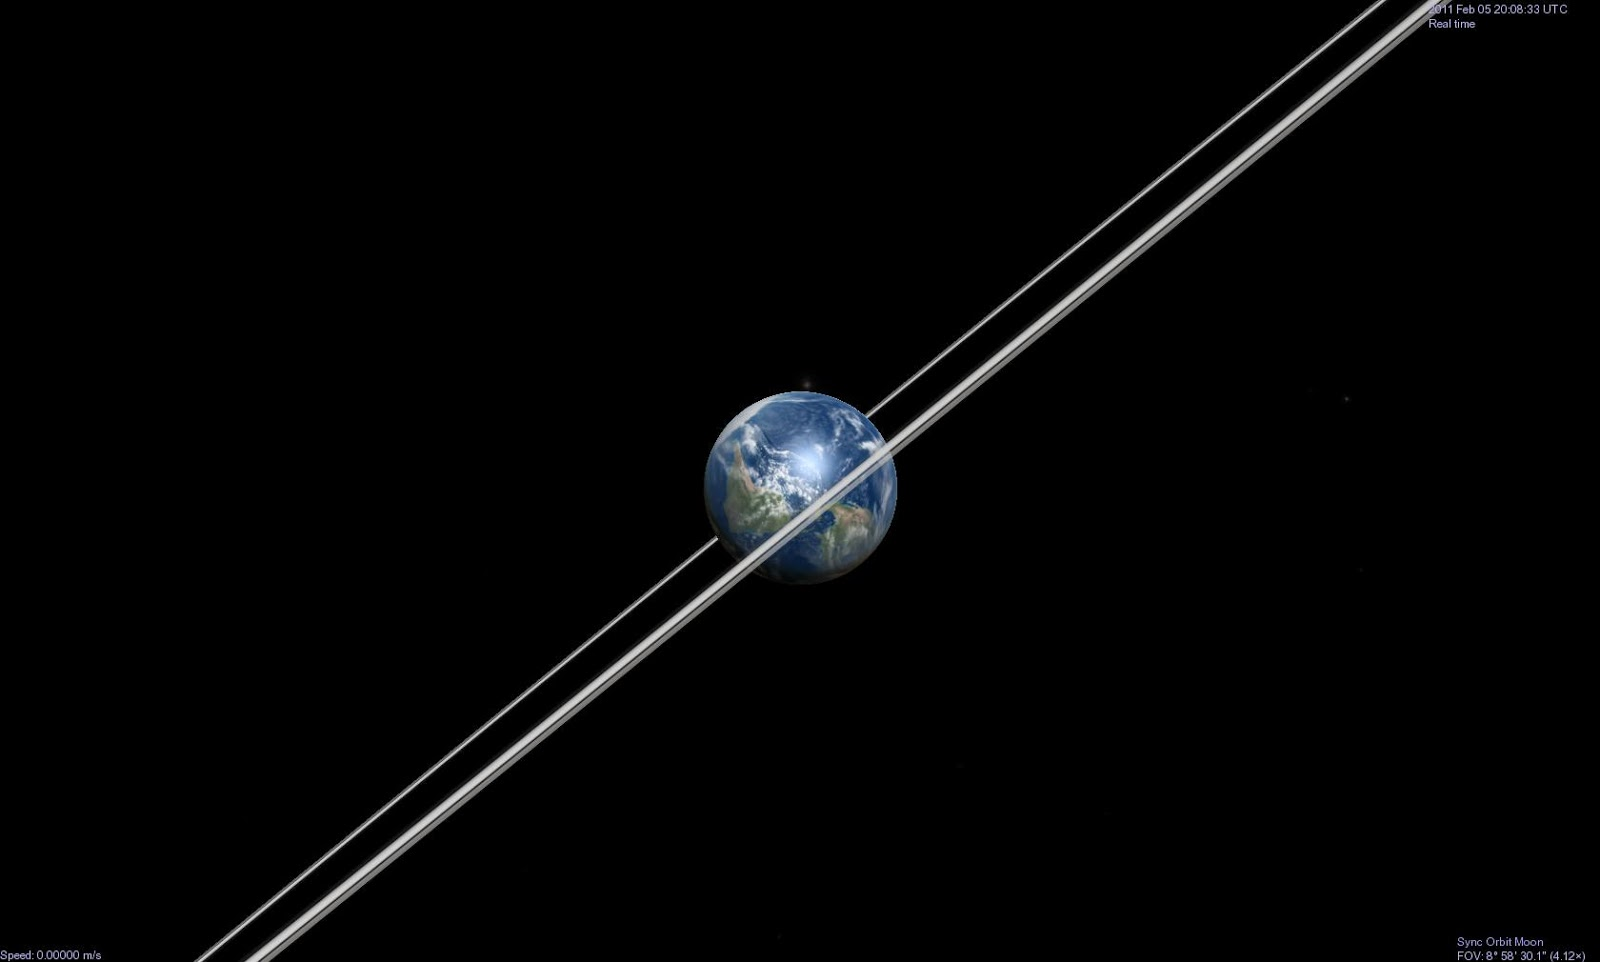 Trái Đất cùng vành đai của hành tinh Thổ khi nhìn từ ngoài không gian. Tác giả : John Brady ở Astronomy Central trên mạng xã hội Reddit.